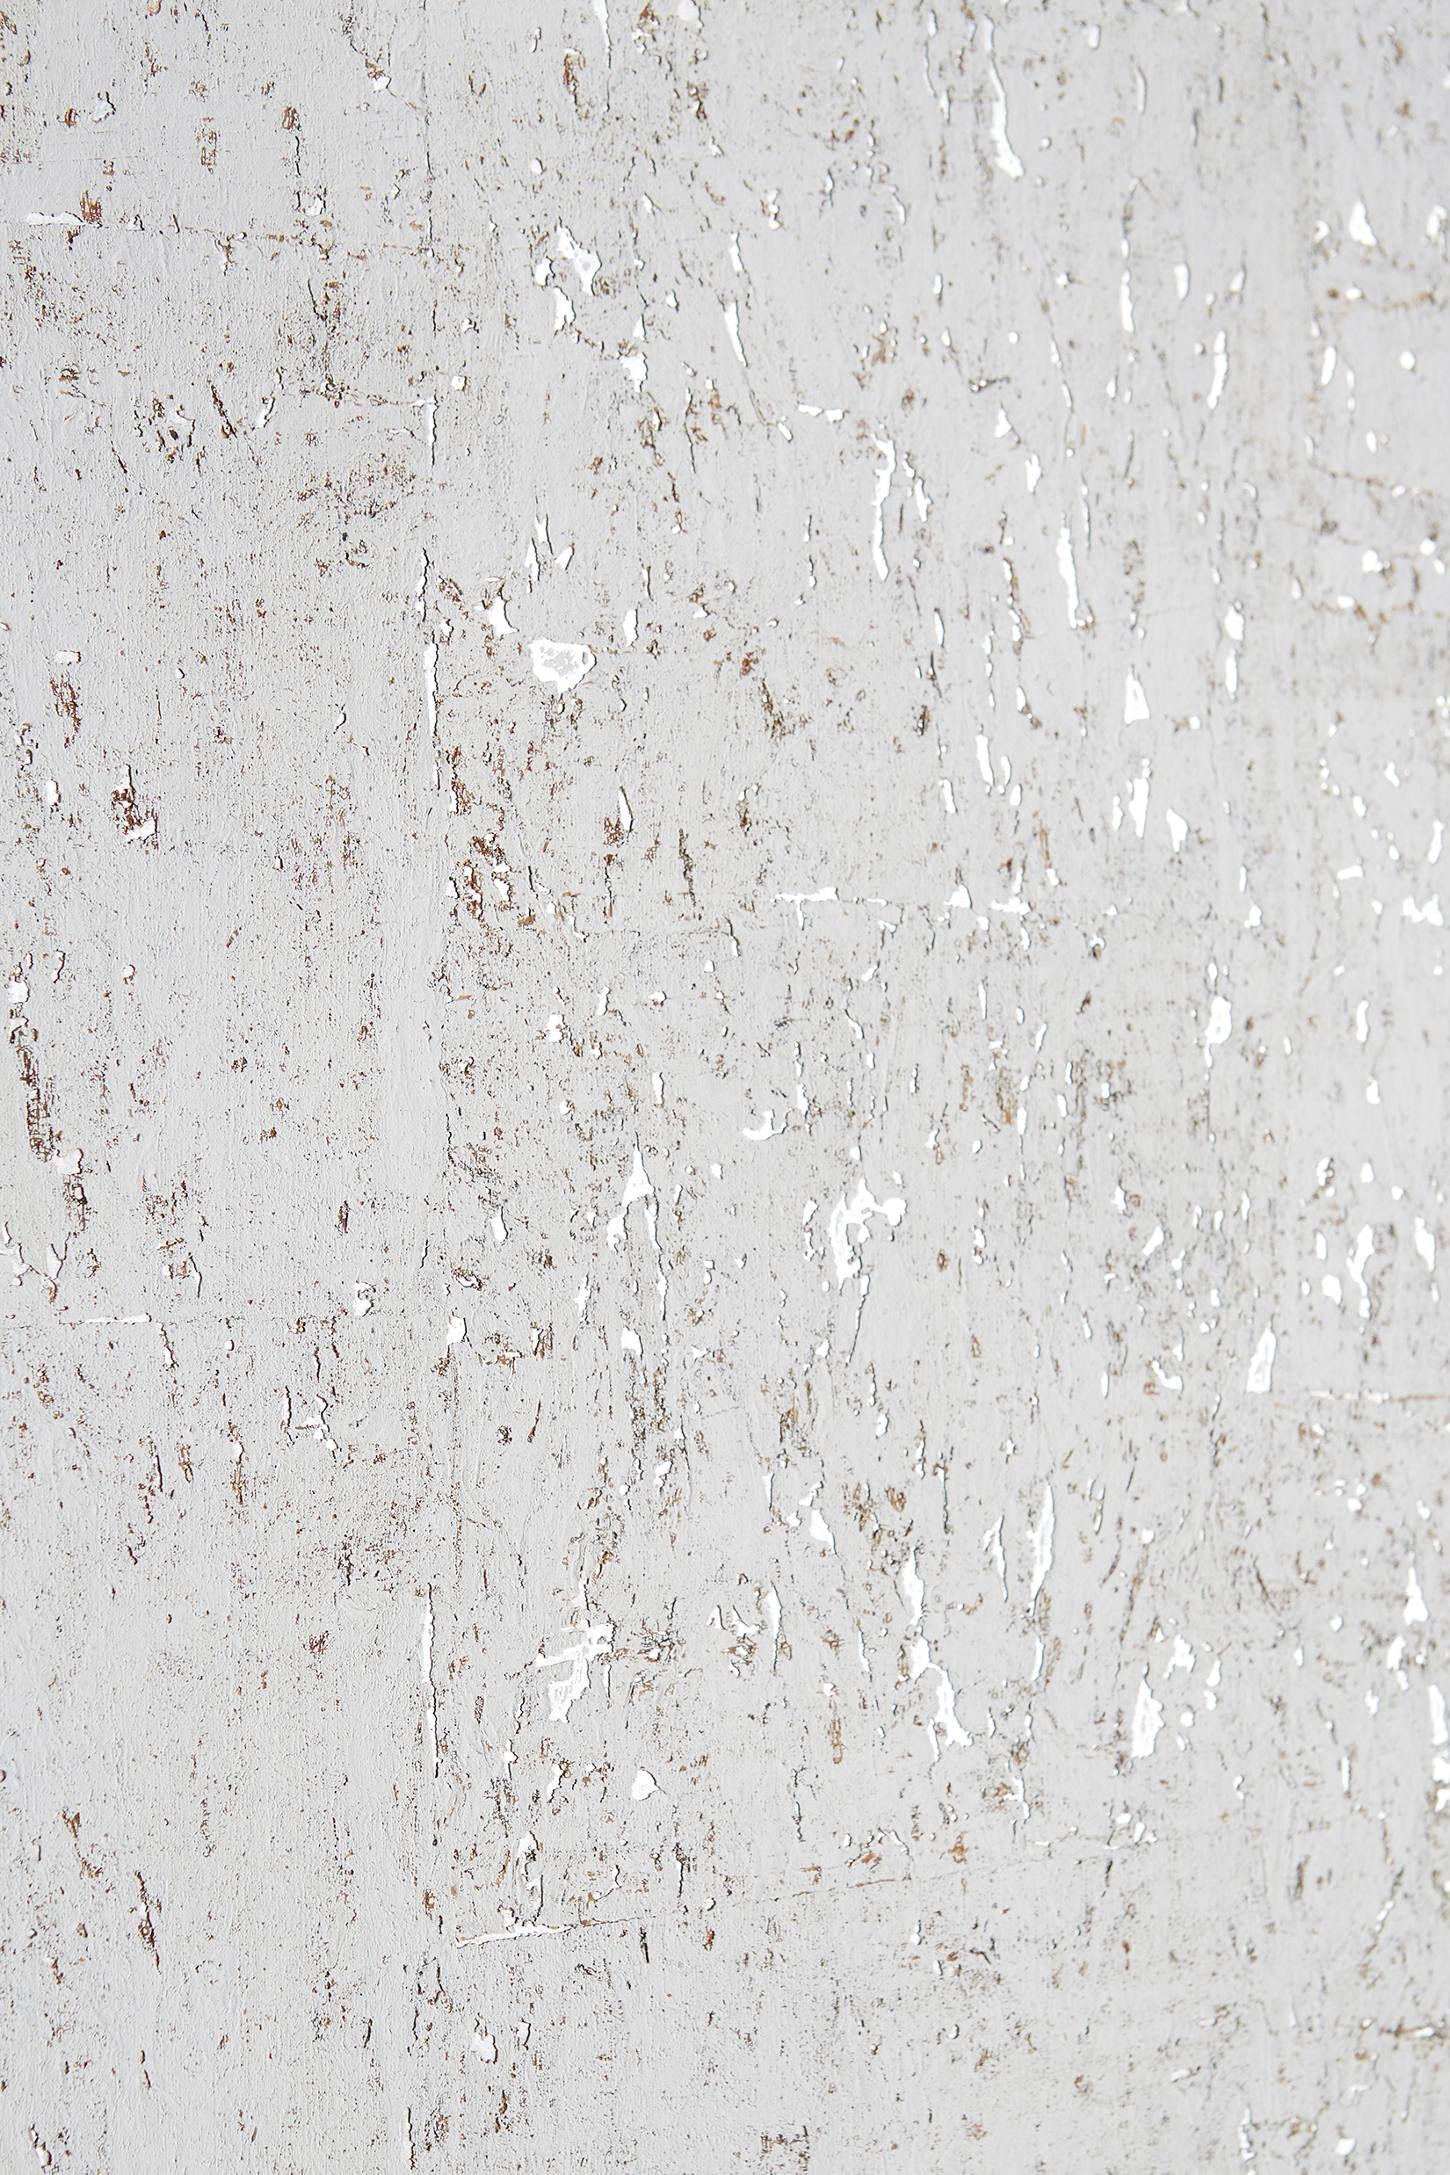 Metallic Cork Wallpaper Cork Wallpaper White And Silver Wallpaper Metallic Wallpaper